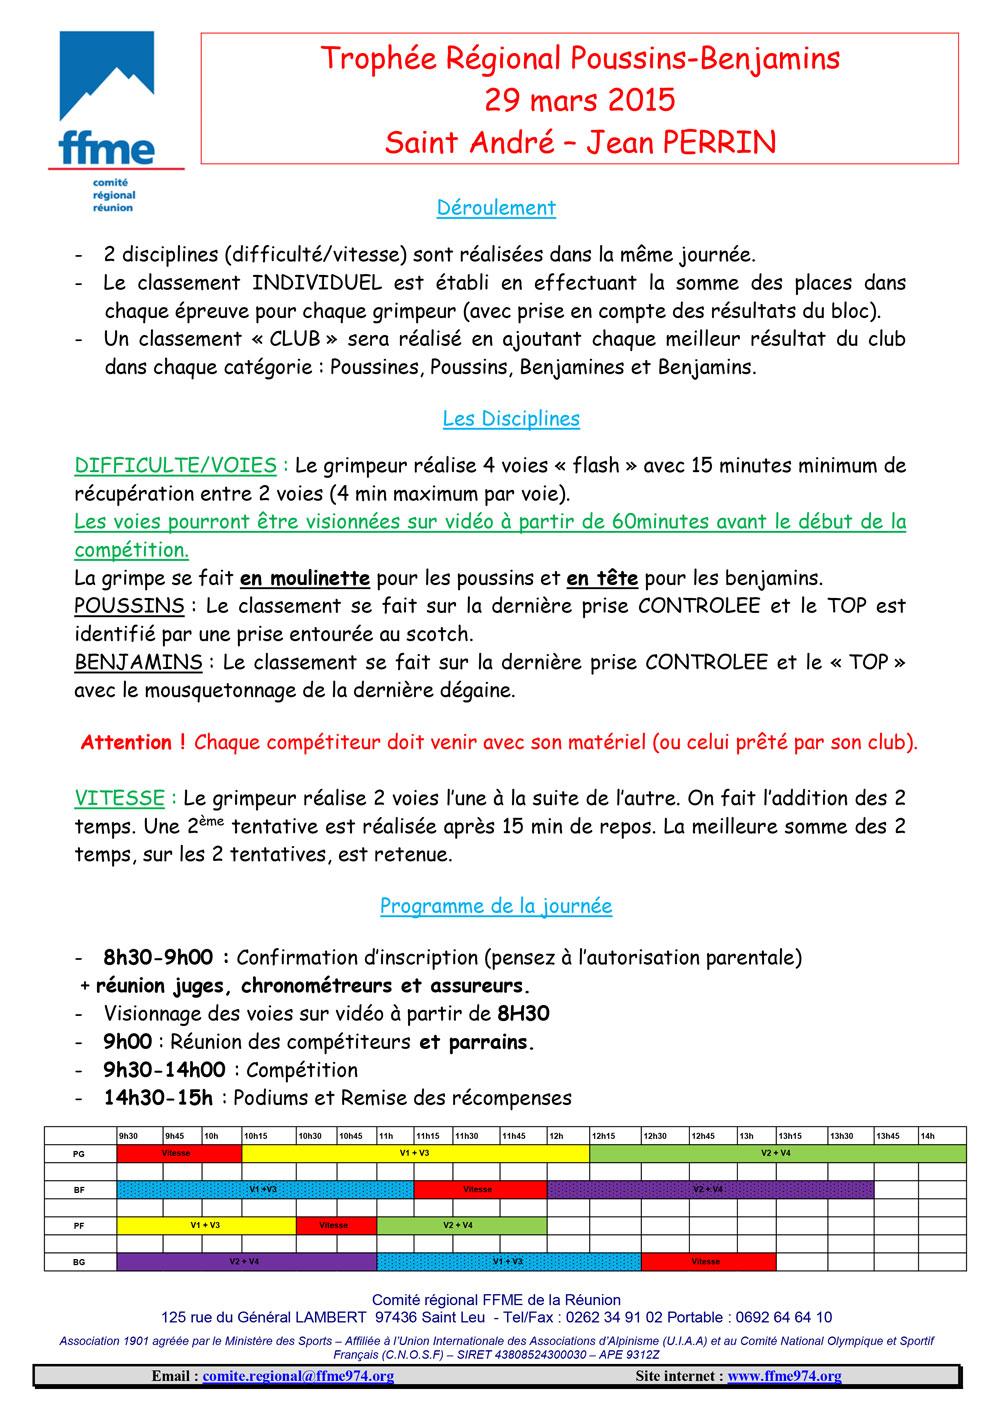 TRPB 2015 - info et programme